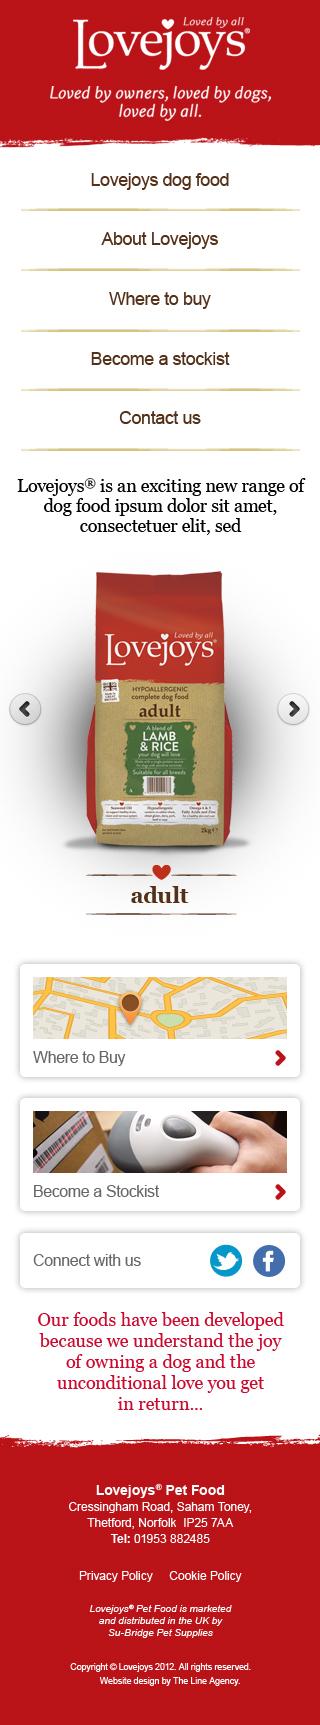 Lovejoys Pet Food website design